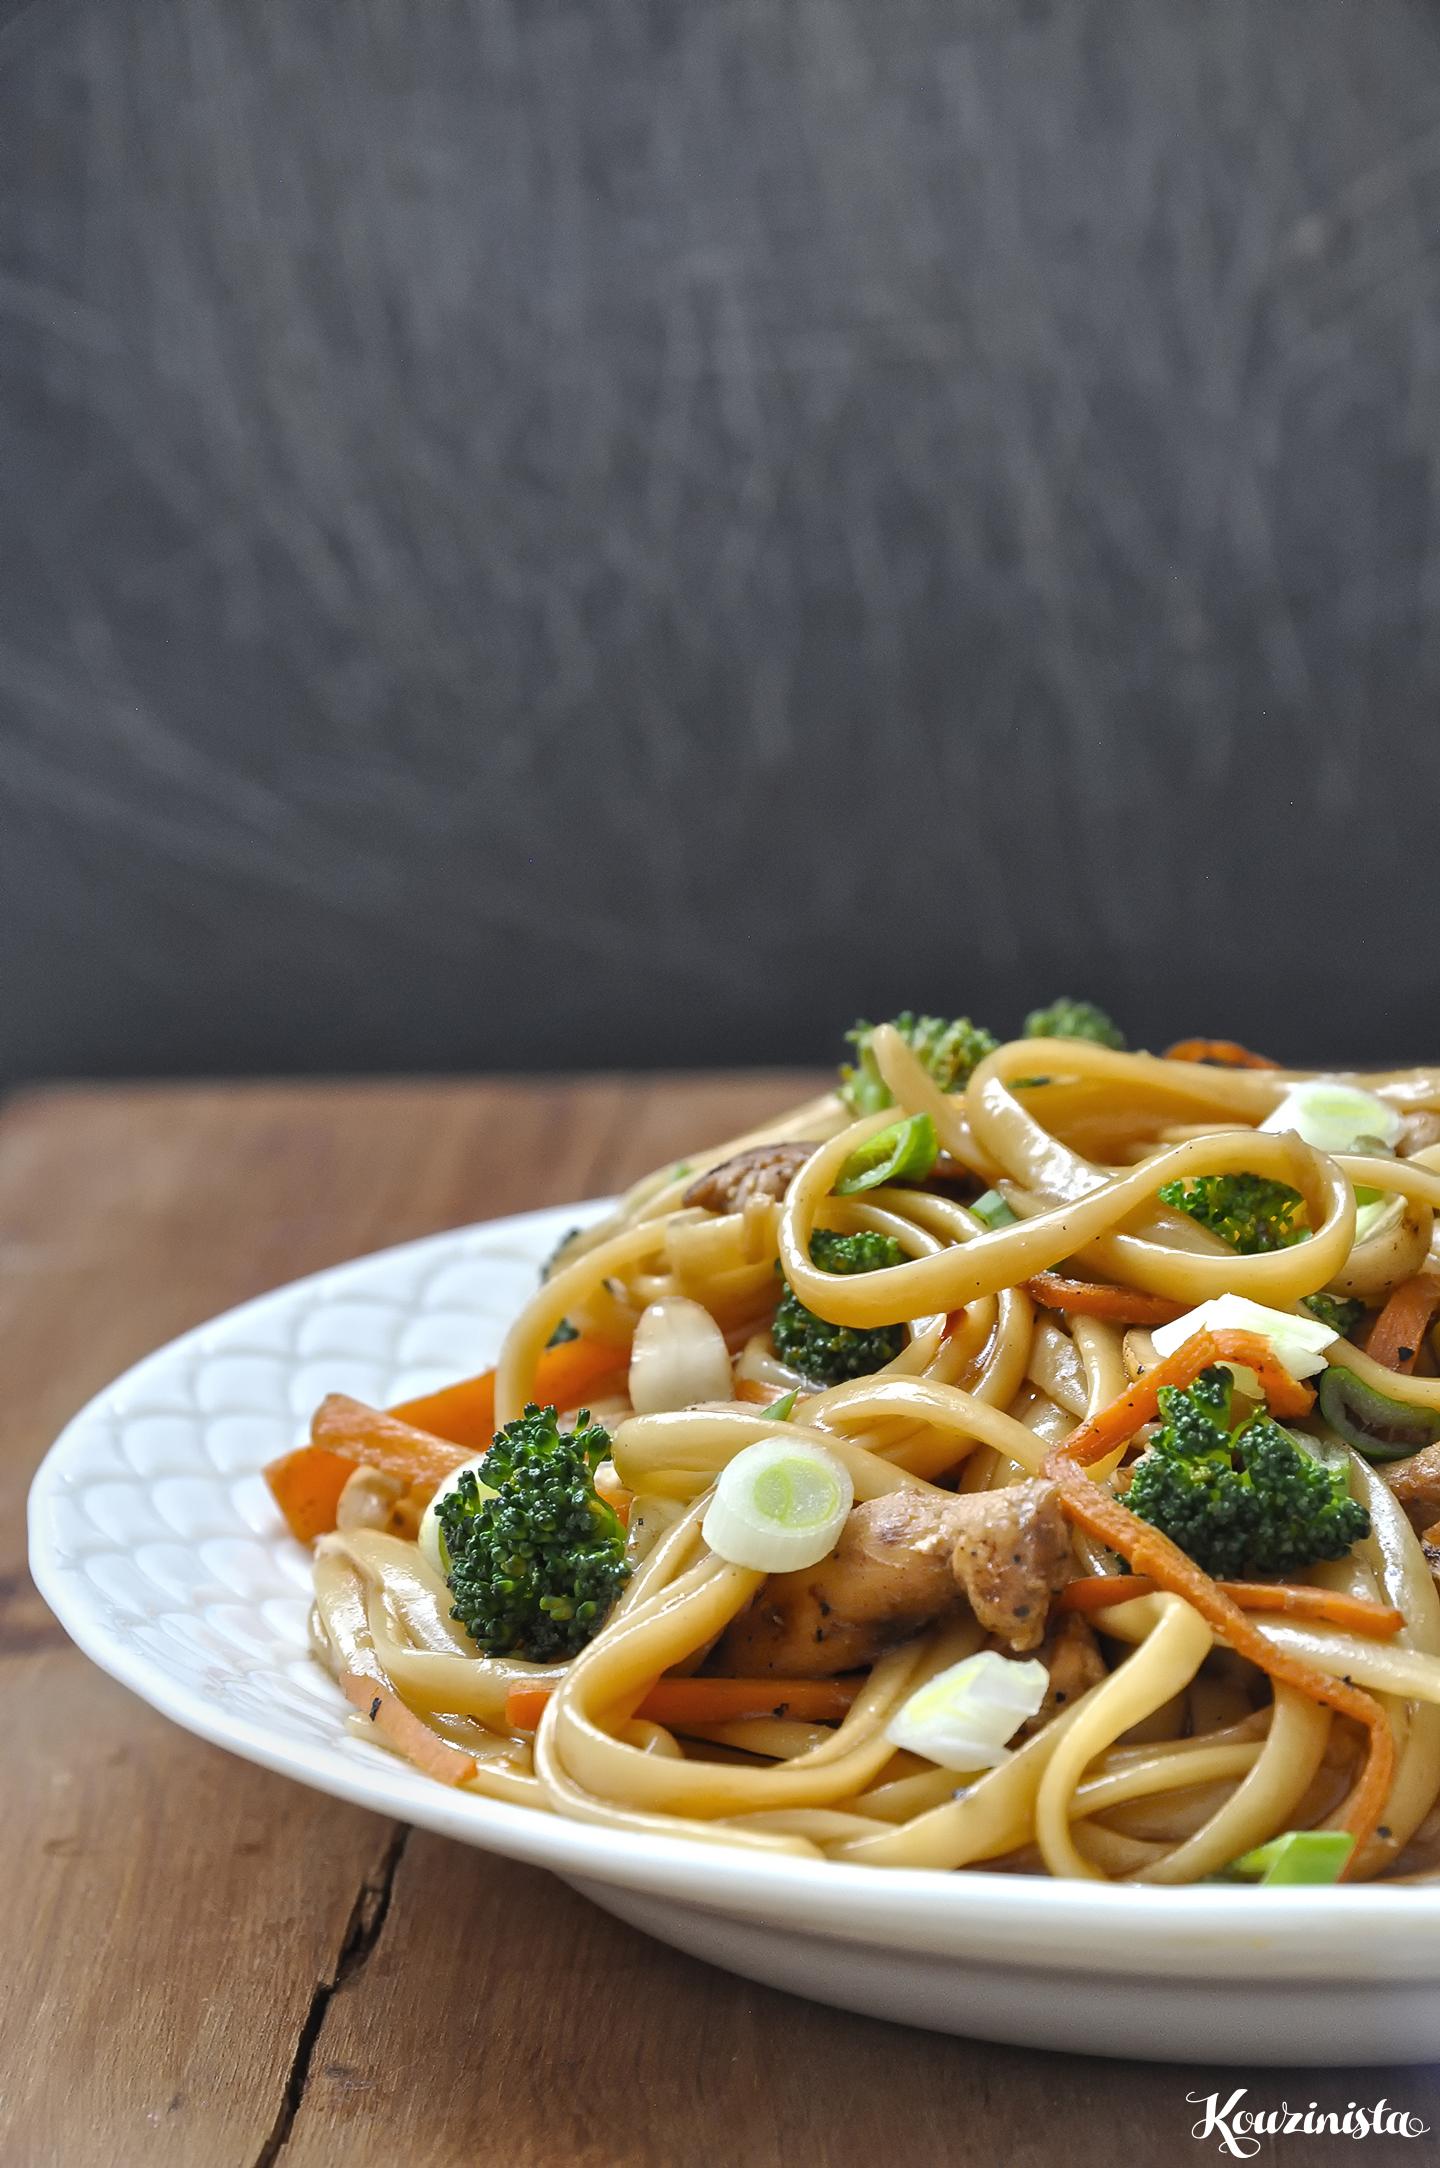 Ασιατικά λιγκουίνι με κοτόπουλο και λαχανικά / Asian chicken linguine